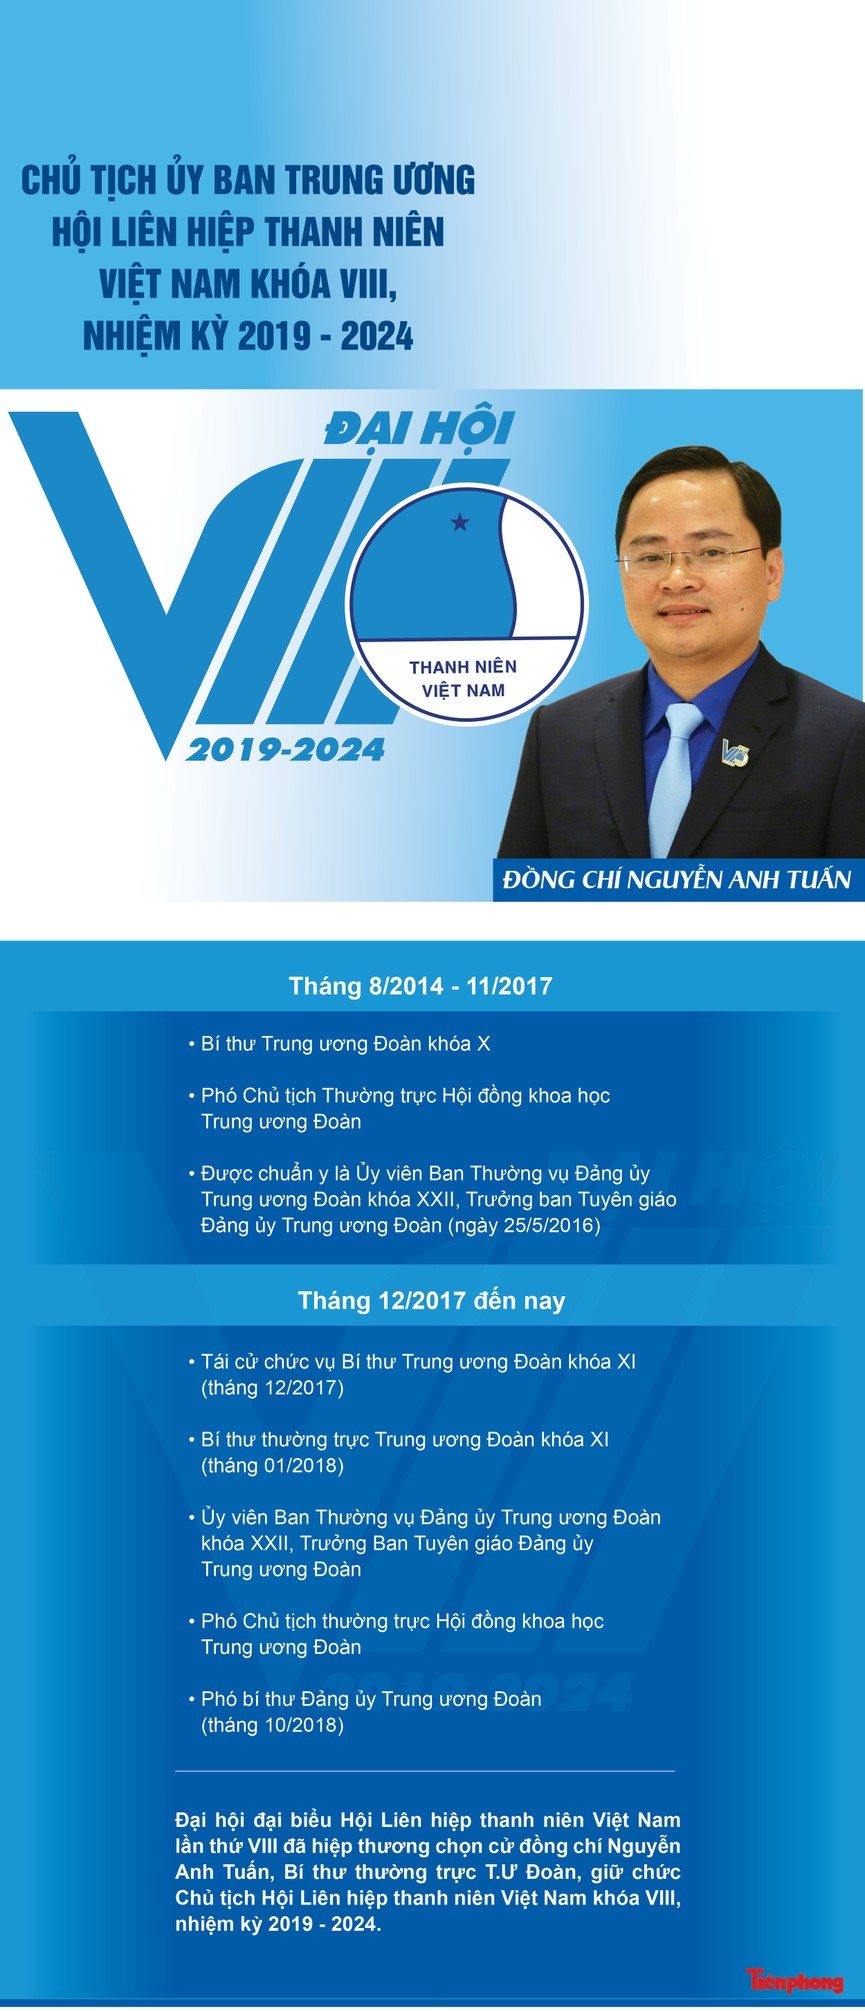 ĐC Nguyễn Anh Tuấn giữ chức Chủ tịch Ủy ban Trung ương Hội LHTNVN khóa VII - ảnh 1